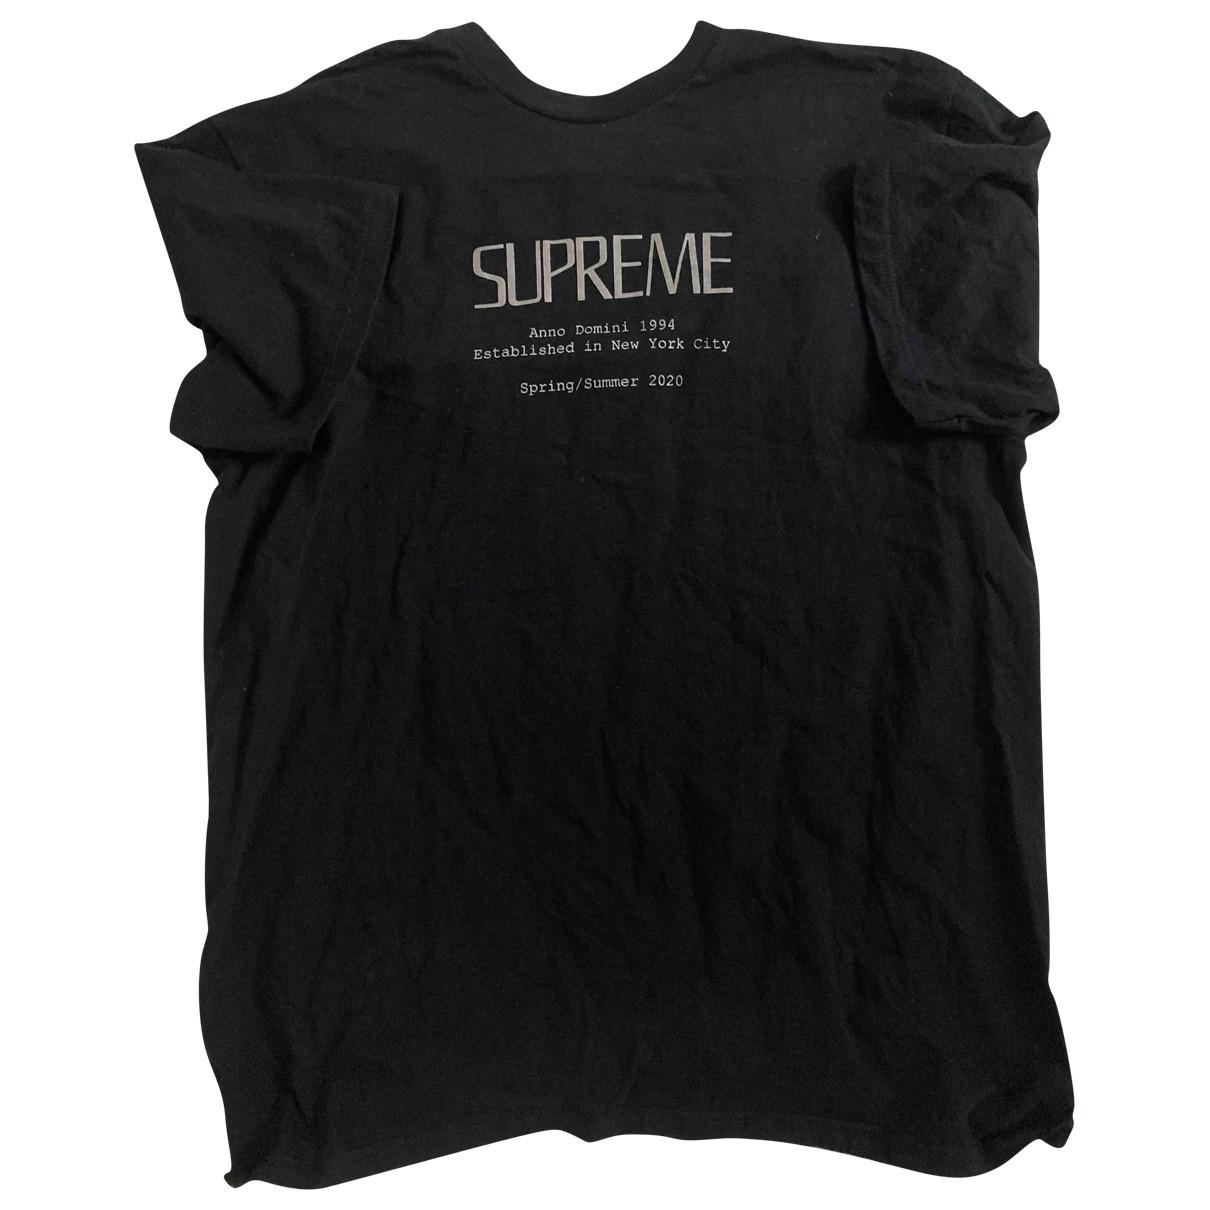 Supreme - Tee shirts   pour homme en coton - marine